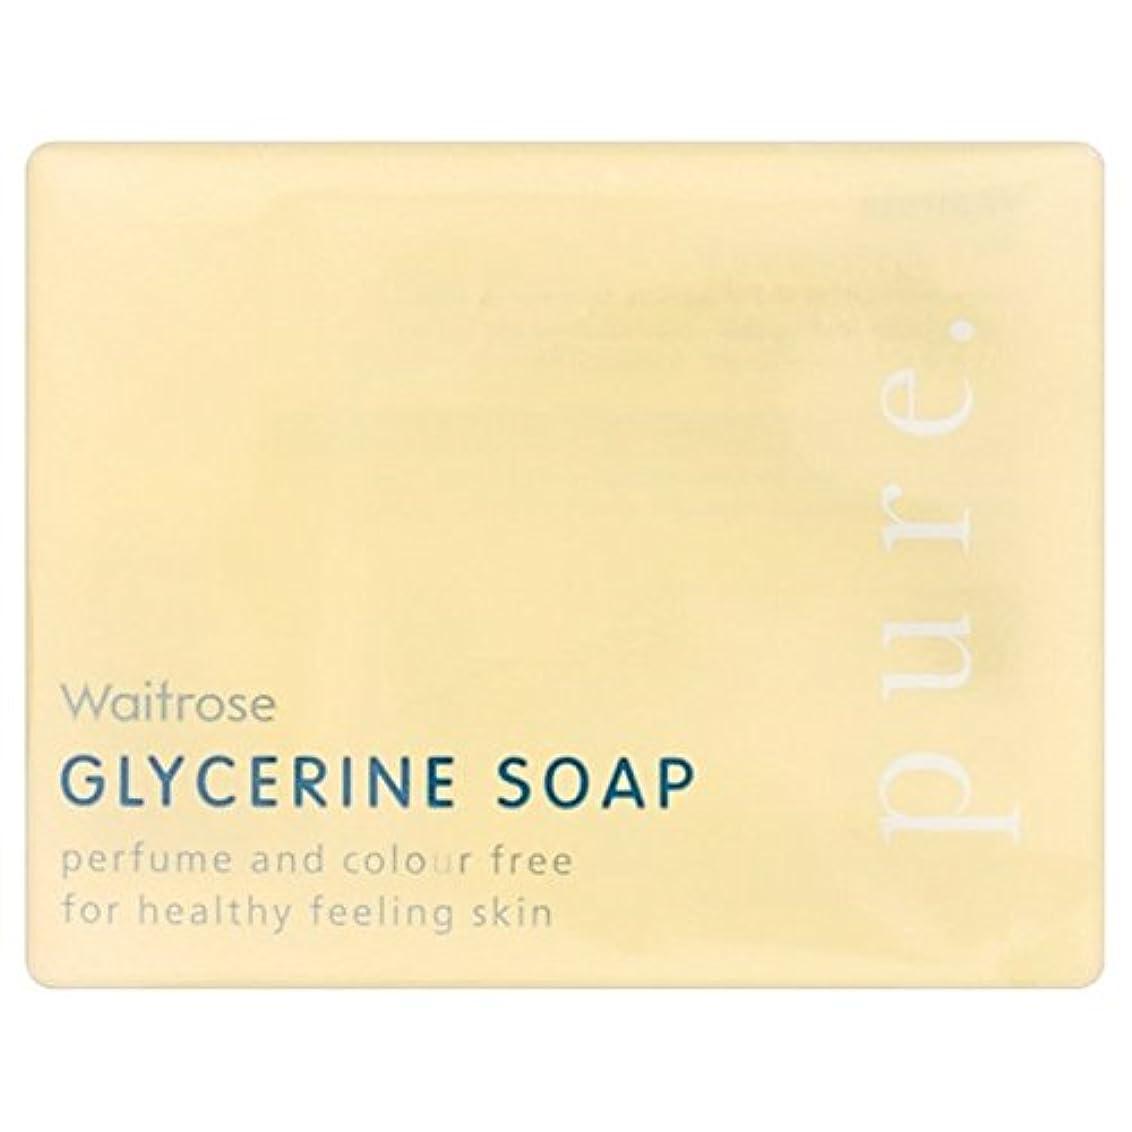 シエスタ現像脳Pure Glycerine Soap Waitrose 100g (Pack of 6) - 純粋なグリセリンソープウェイトローズの100グラム x6 [並行輸入品]